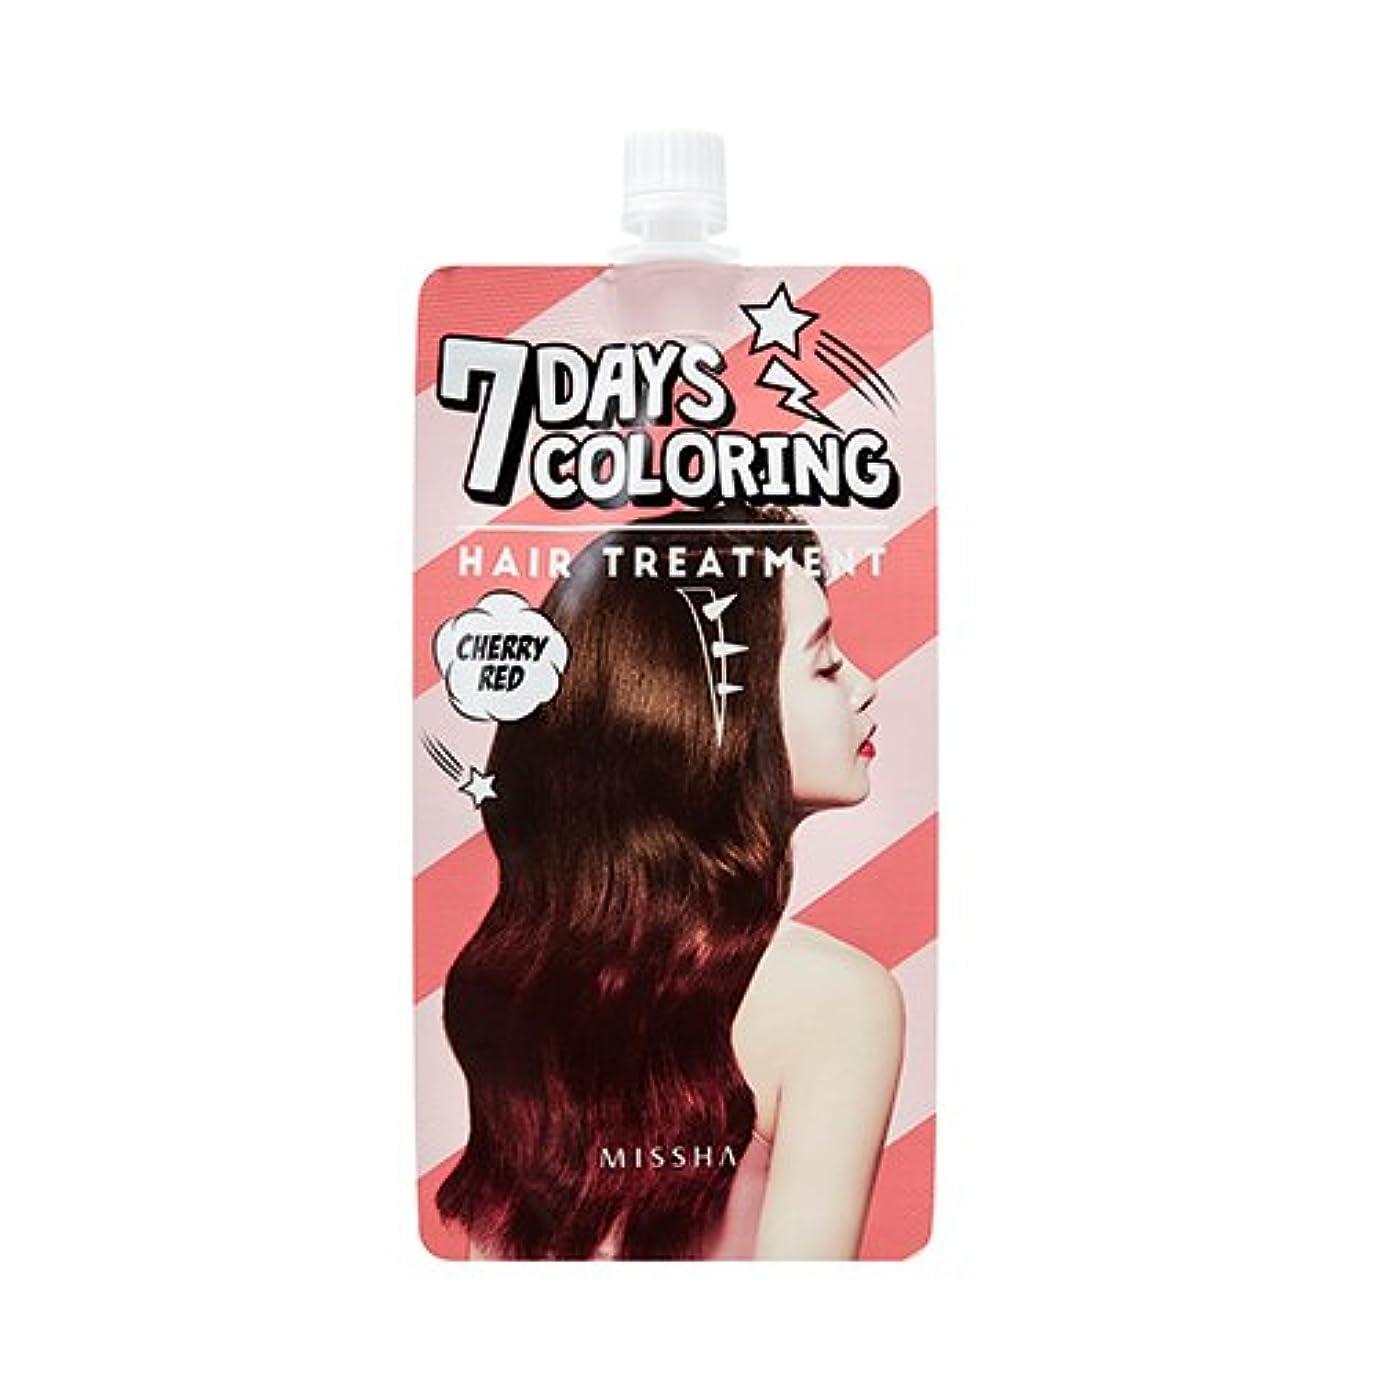 データムエンドテーブル藤色[1+1] MISSHA Seven Days Coloring Hair Treatment CHERRY RED /ミシャ セブンデイズカラーリングヘアトリートメント (CHERRY RED) [並行輸入品]